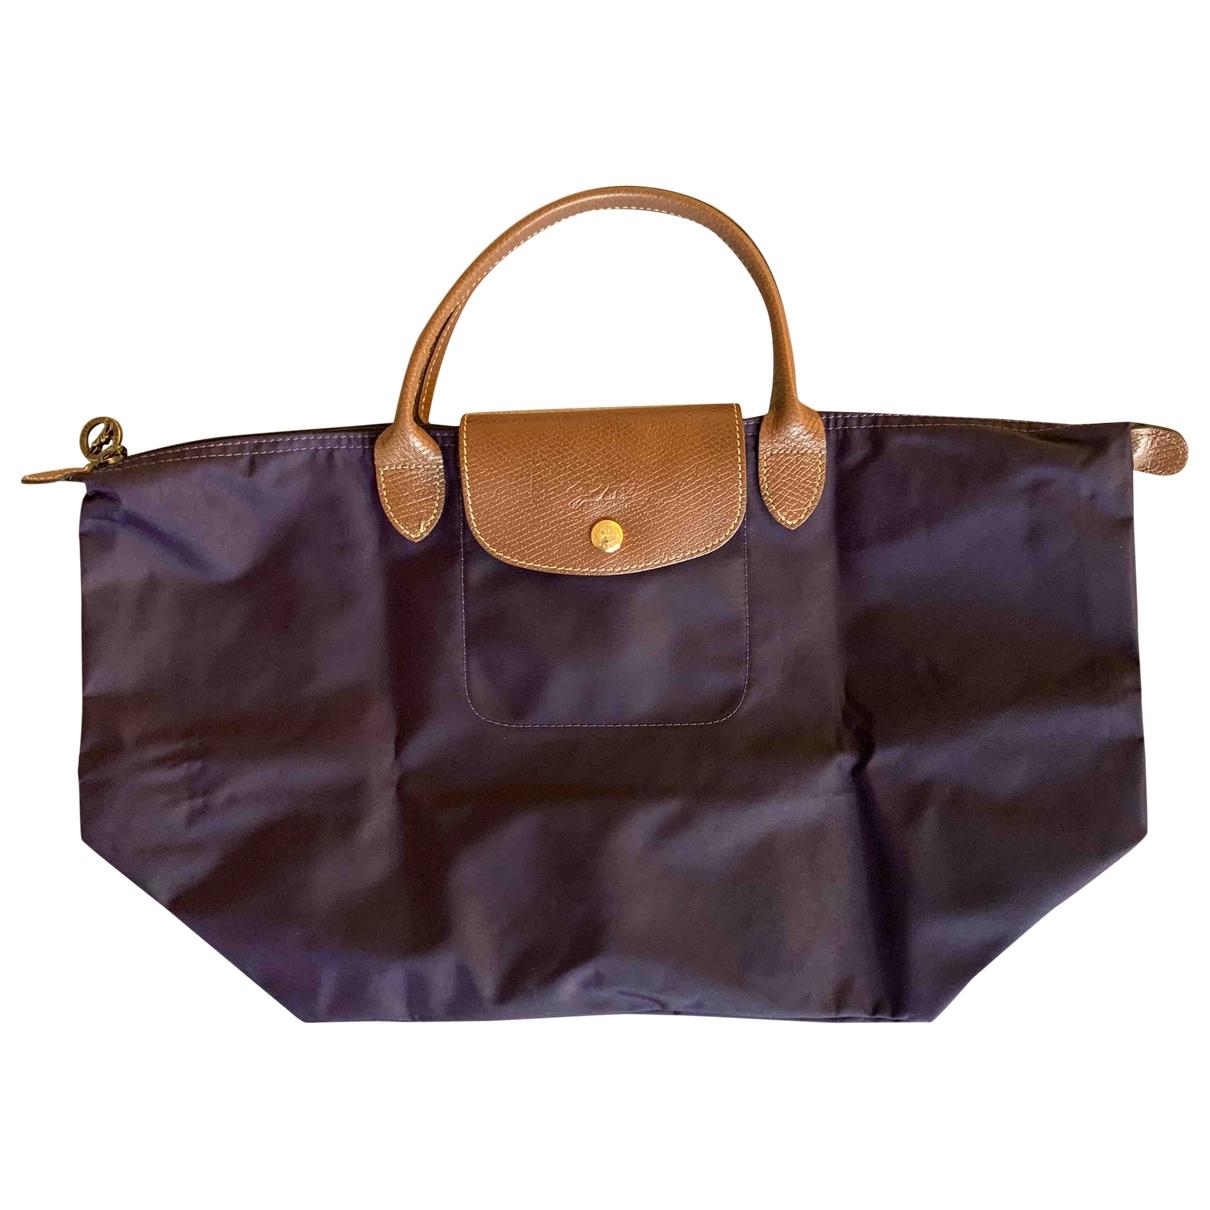 Longchamp - Sac a main Pliage  pour femme en toile - violet